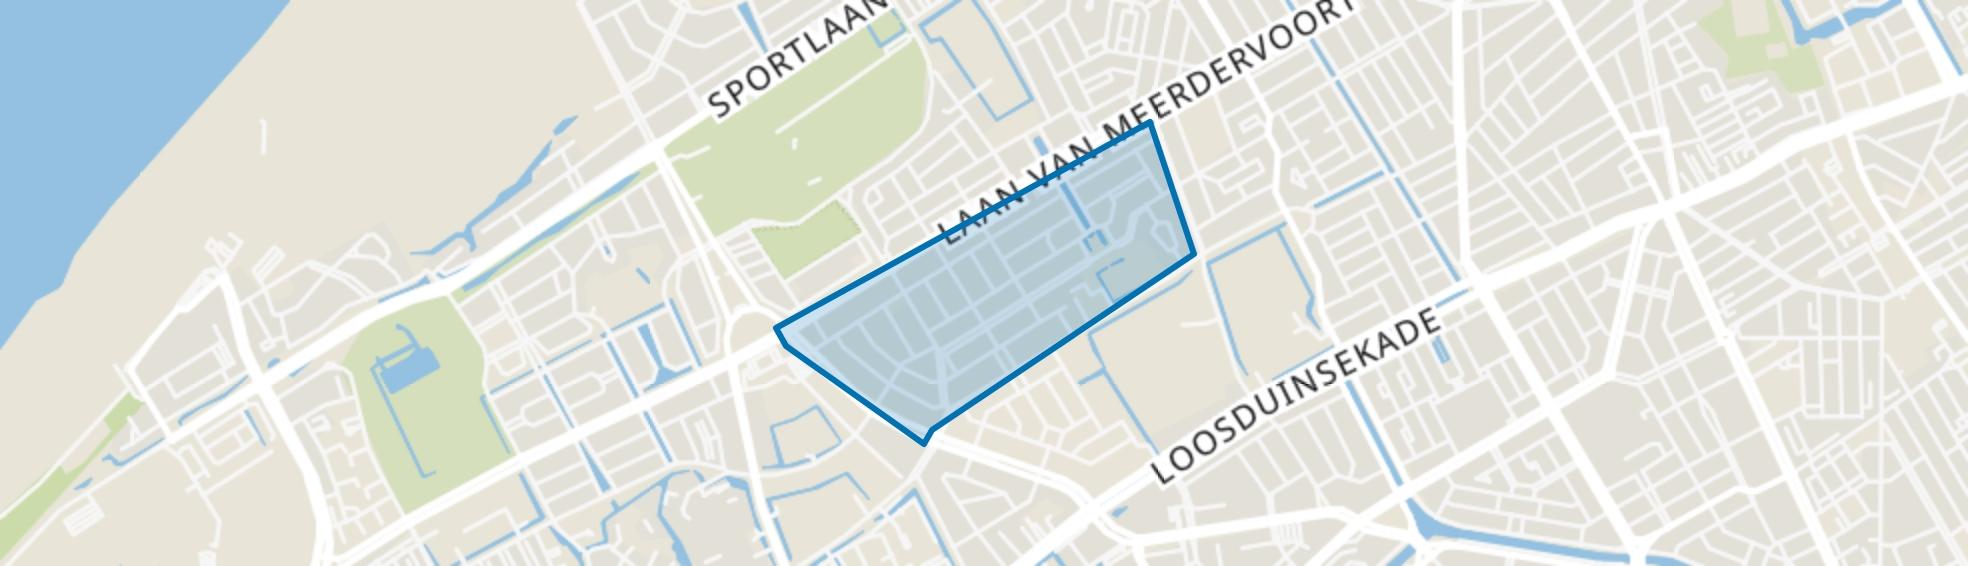 Vruchtenbuurt, Den Haag map